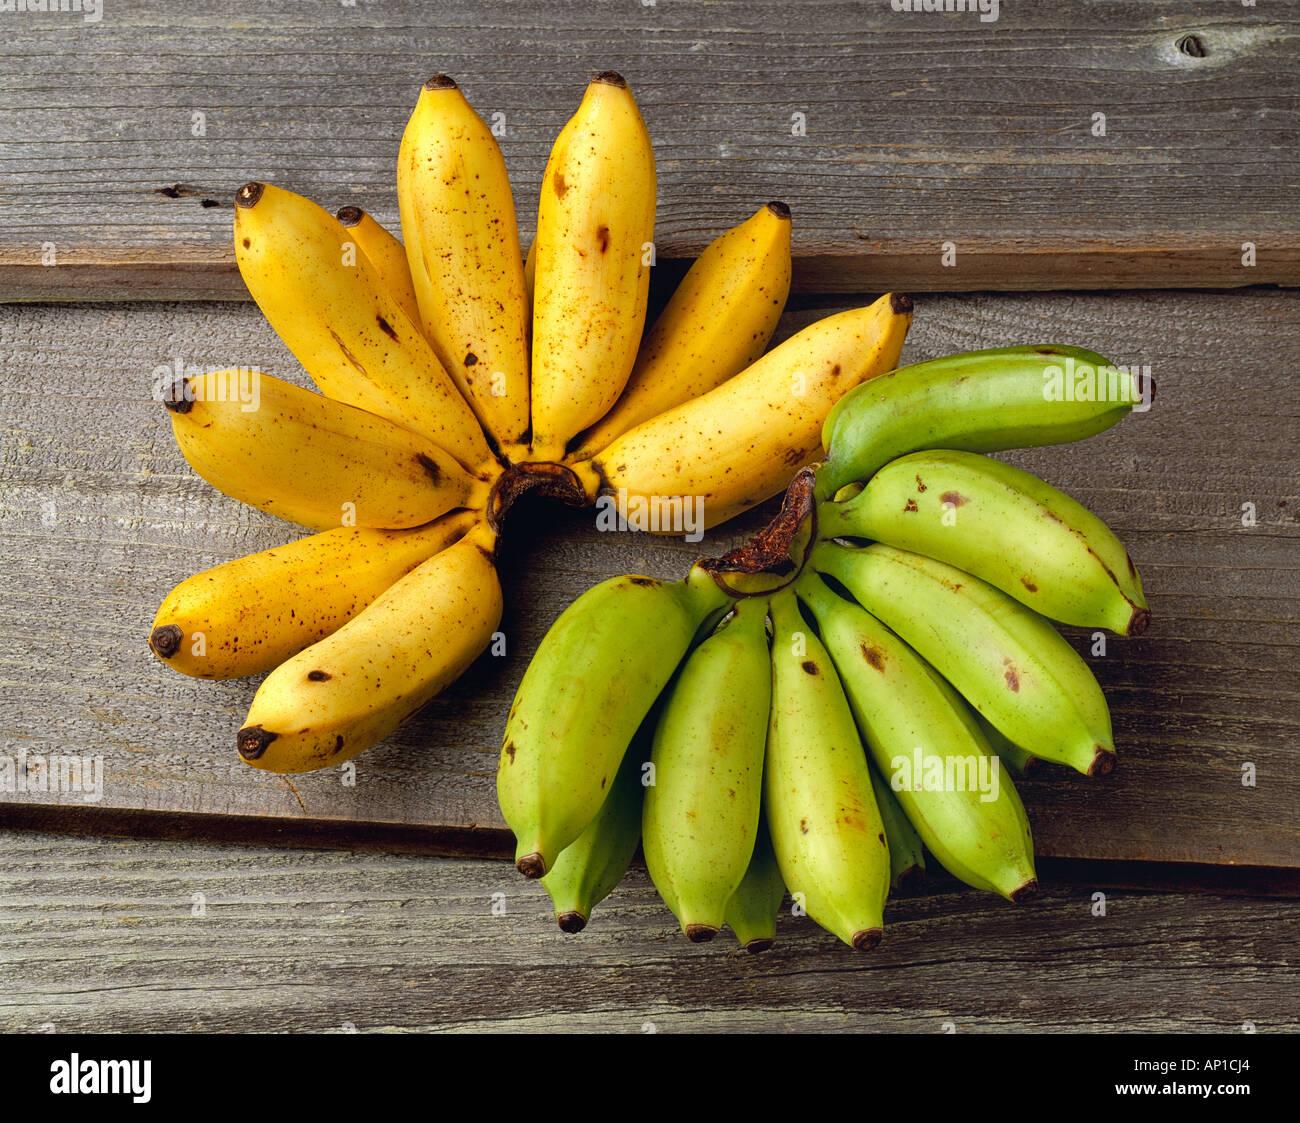 Apple - l'agriculture, une grappe de bananes mûres et un bouquet, sur une surface en studio, Terranova. Photo Stock